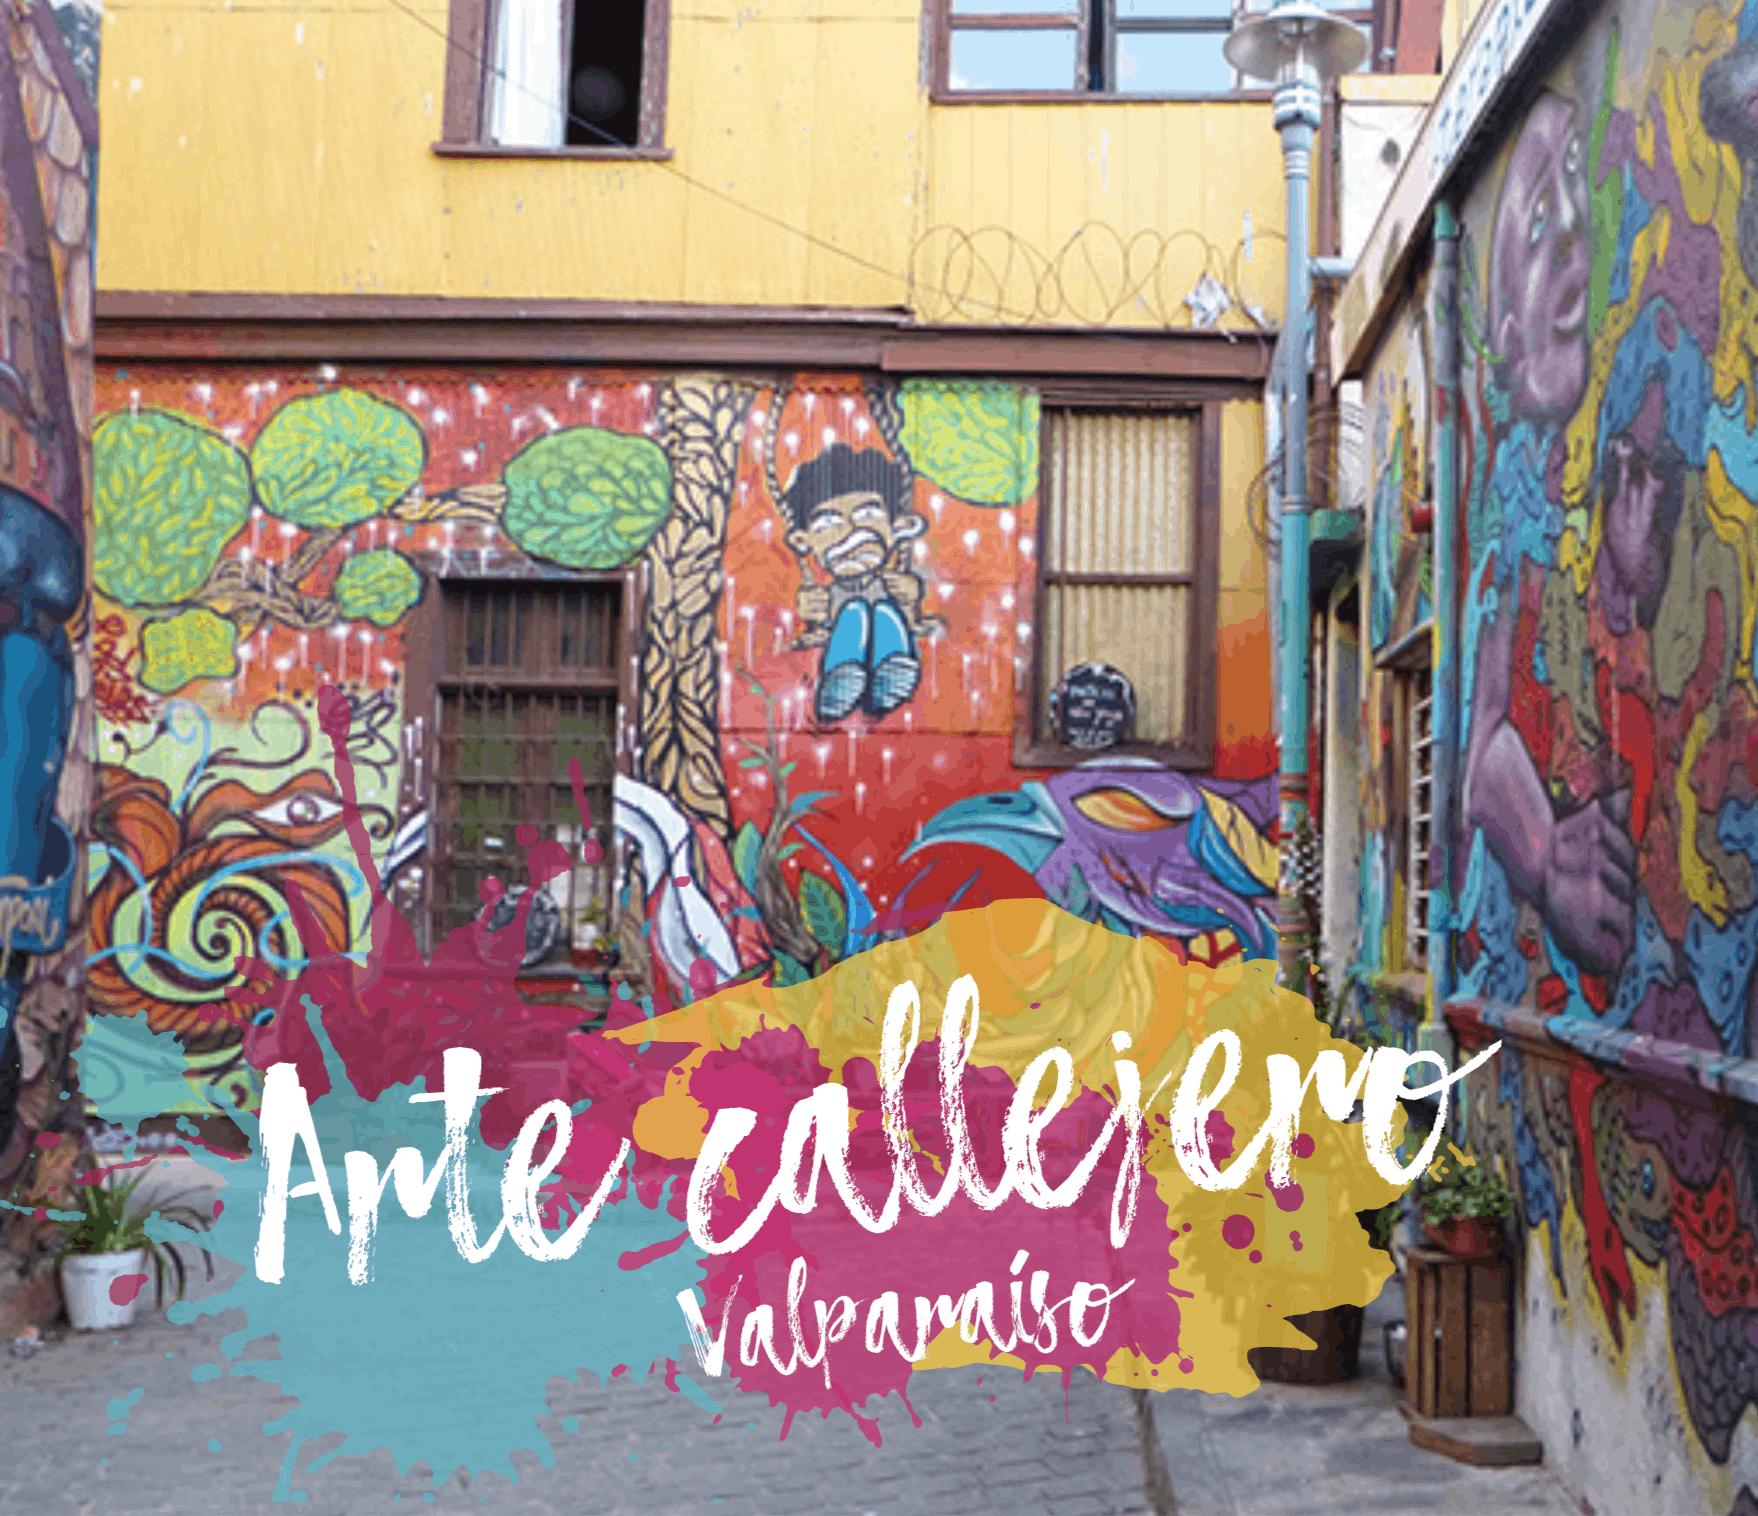 Promoción del arte callejero en Valparaíso.